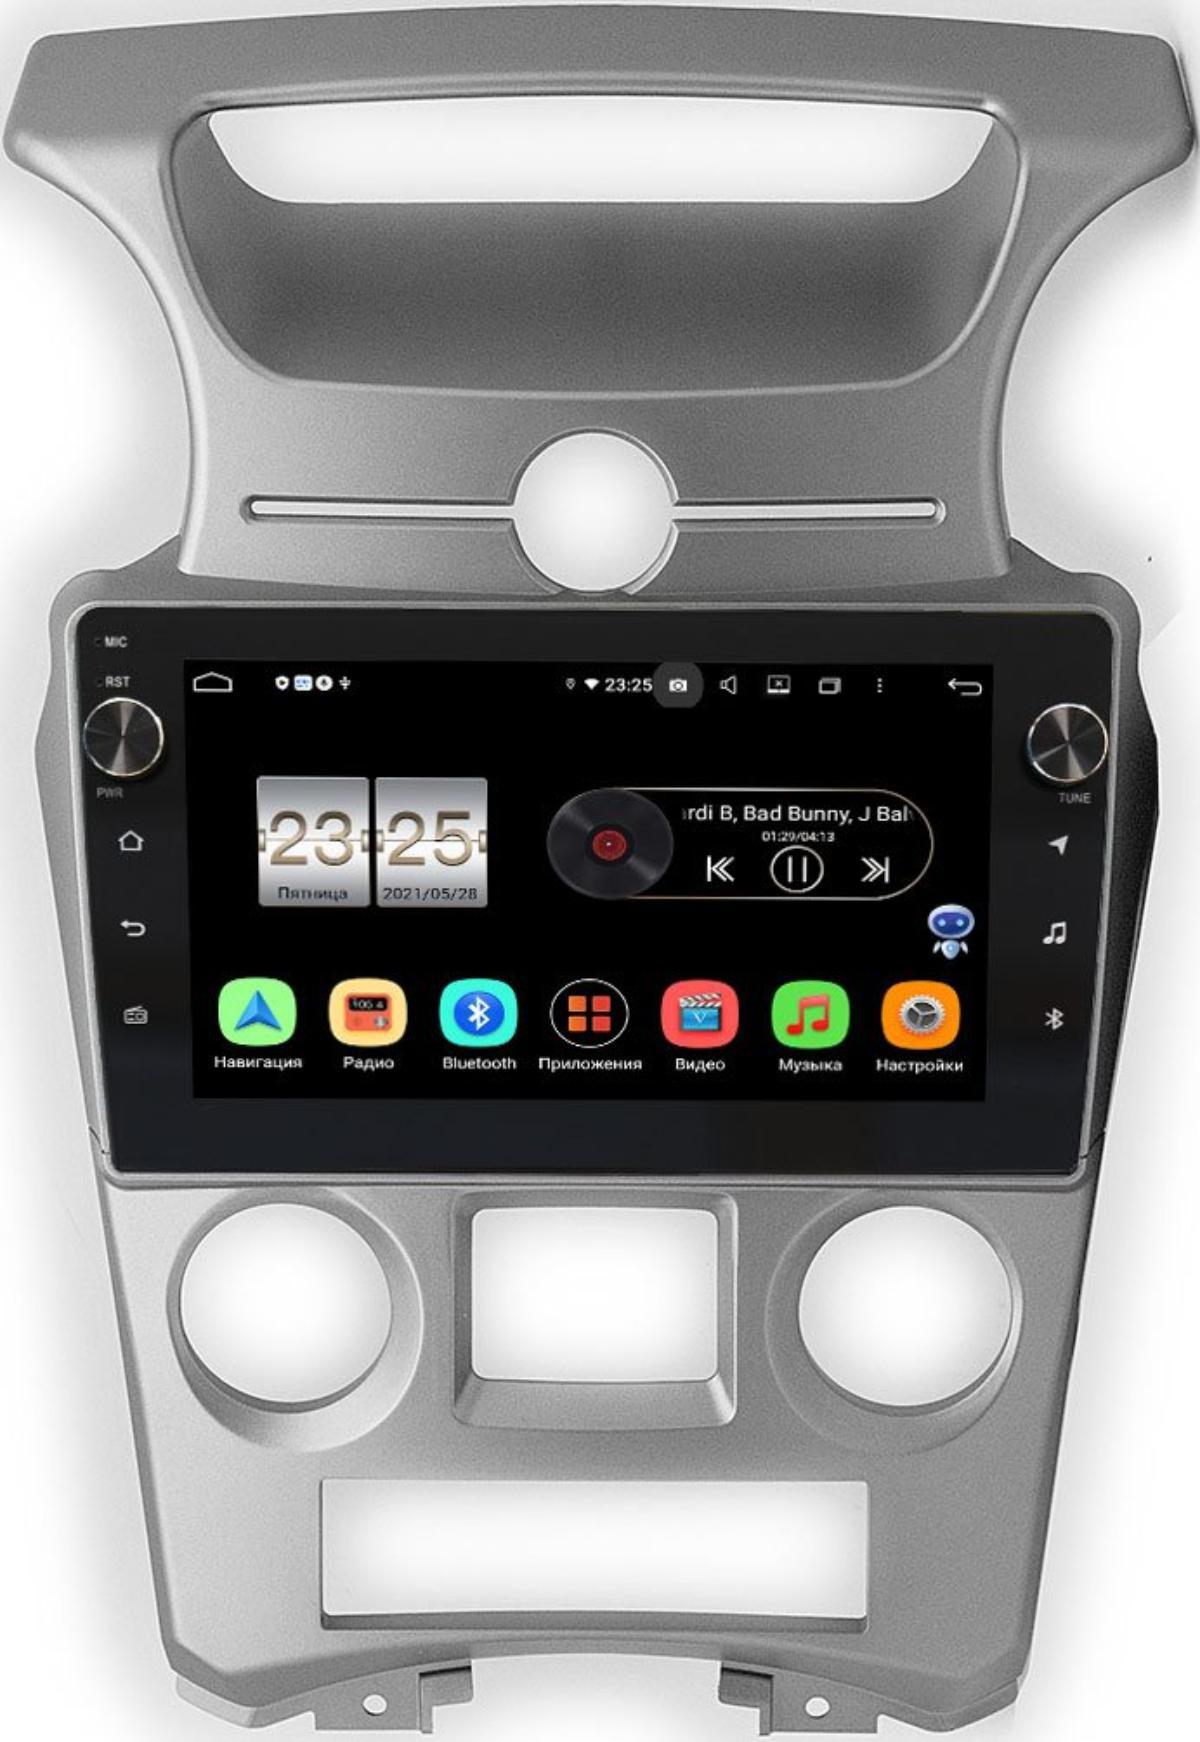 Штатная магнитола Kia Carens II 2006-2012 (с климат-контролем) LeTrun BPX609-1053 на Android 10 (4/64, DSP, IPS, с голосовым ассистентом, с крутилками) (+ Камера заднего вида в подарок!)